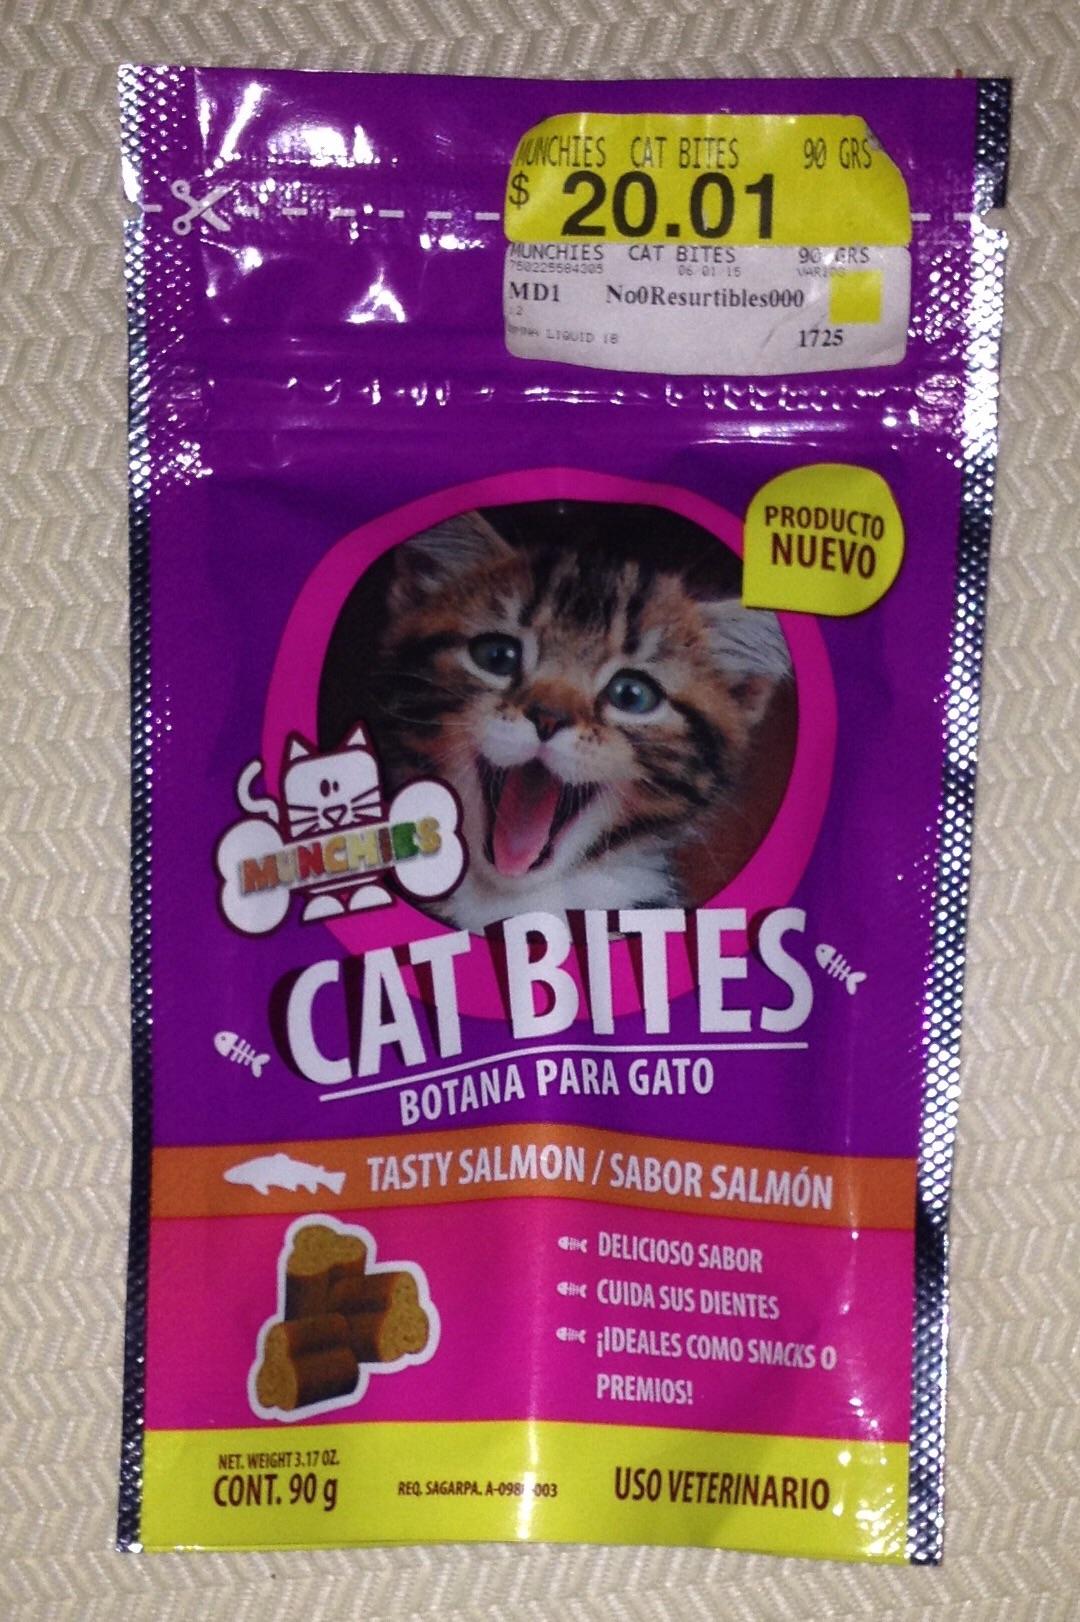 Waltmart: premios para gato a $2.02 y otras ofertas